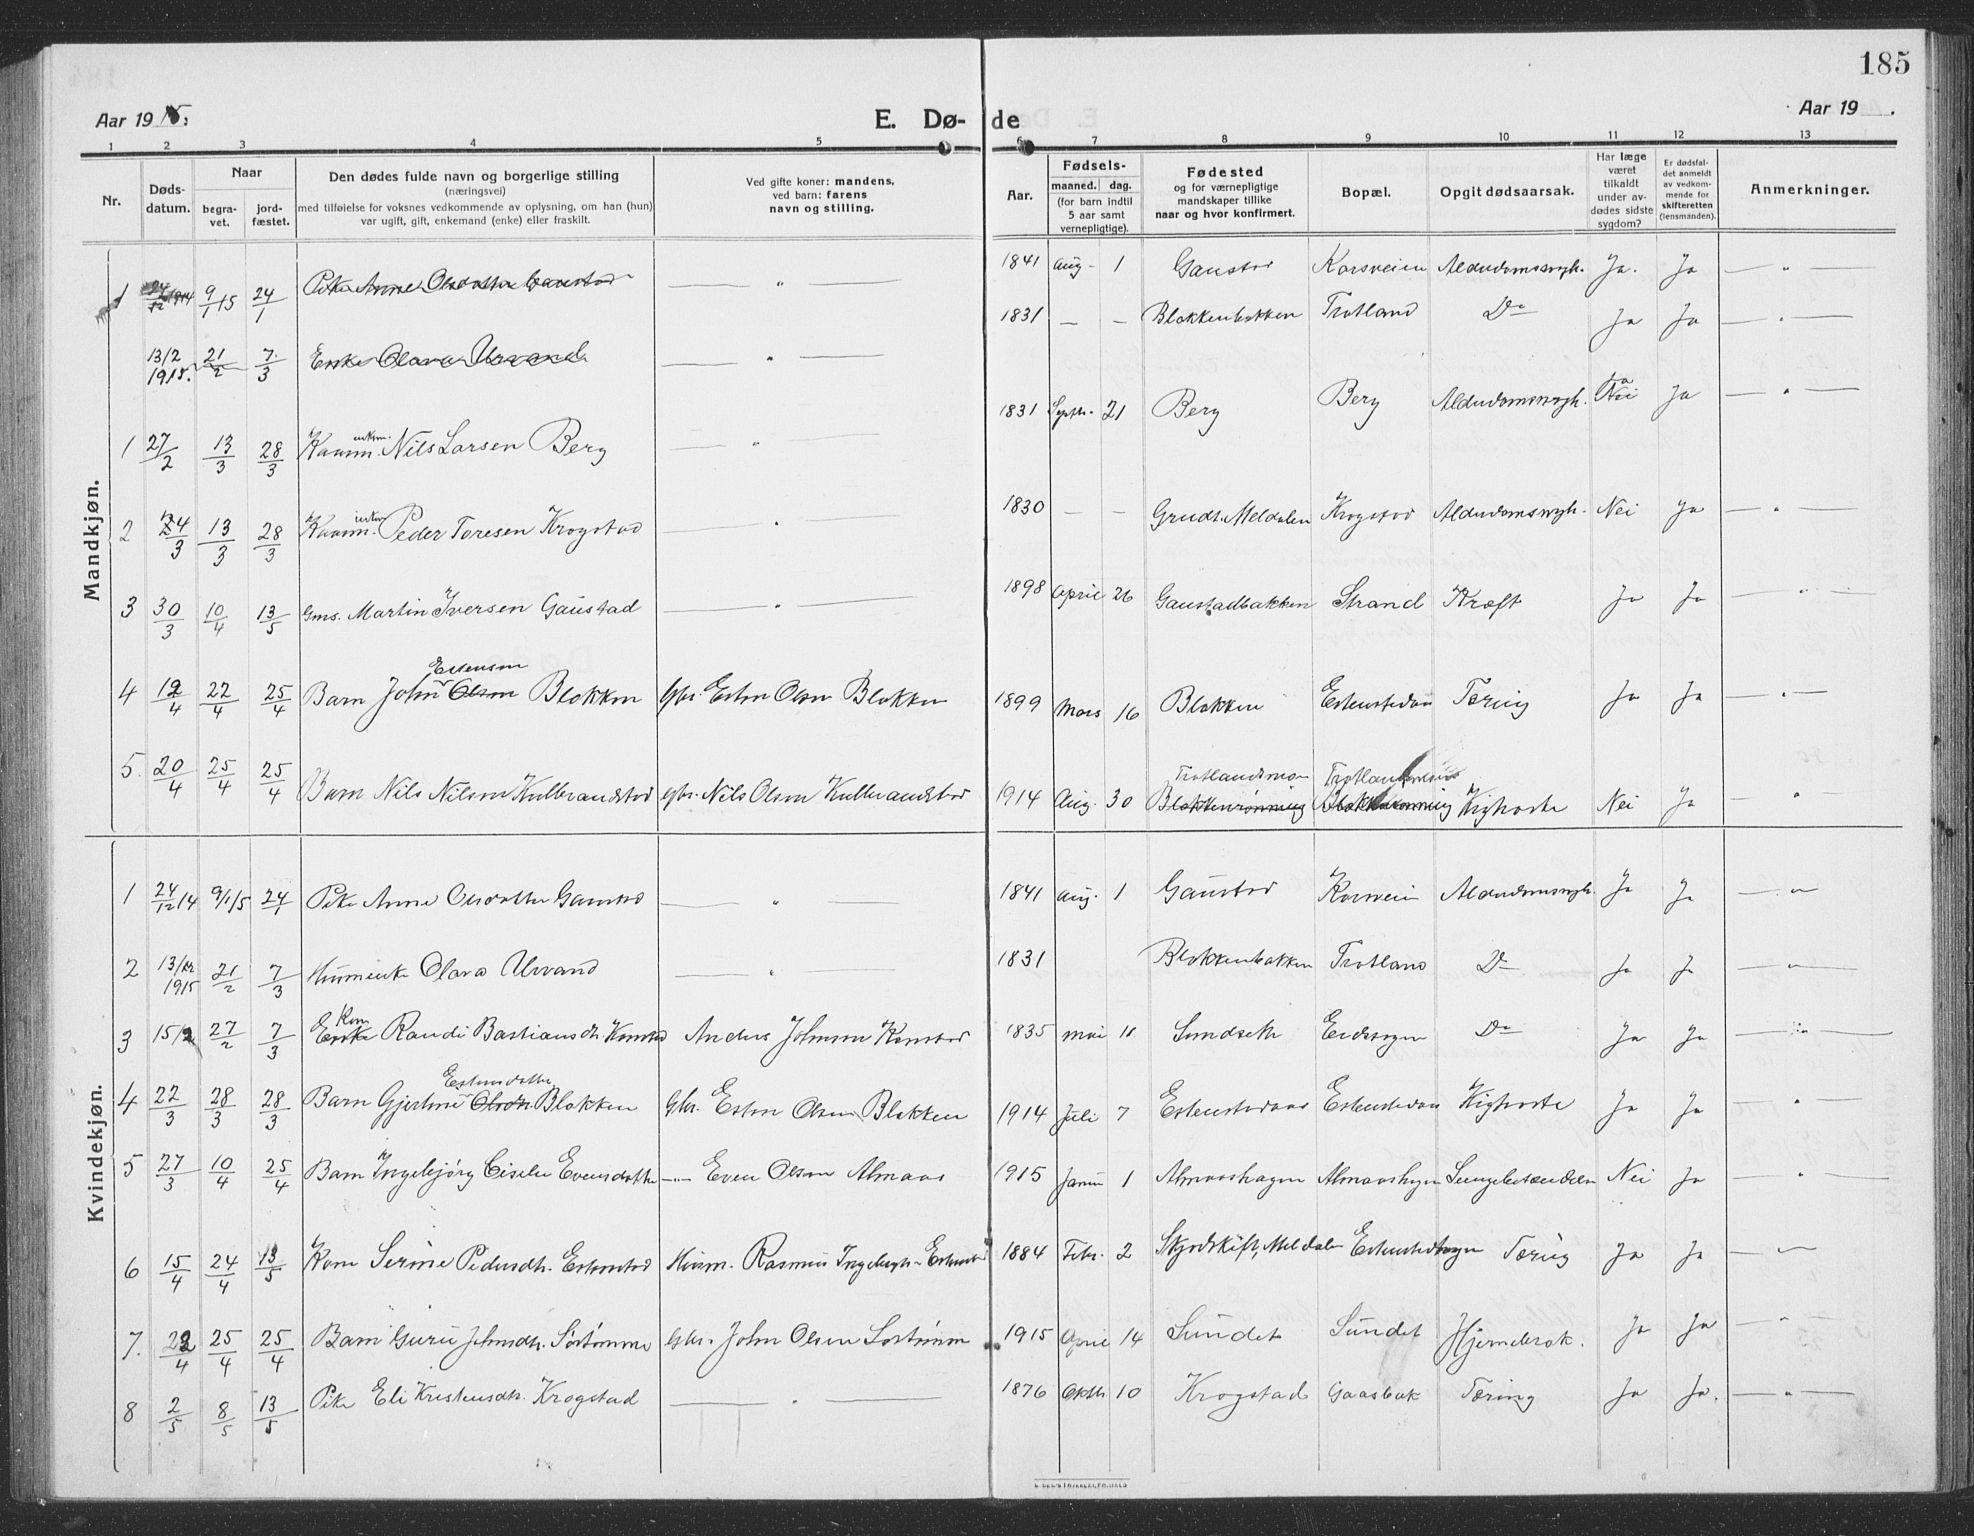 SAT, Ministerialprotokoller, klokkerbøker og fødselsregistre - Sør-Trøndelag, 694/L1134: Klokkerbok nr. 694C06, 1915-1937, s. 185